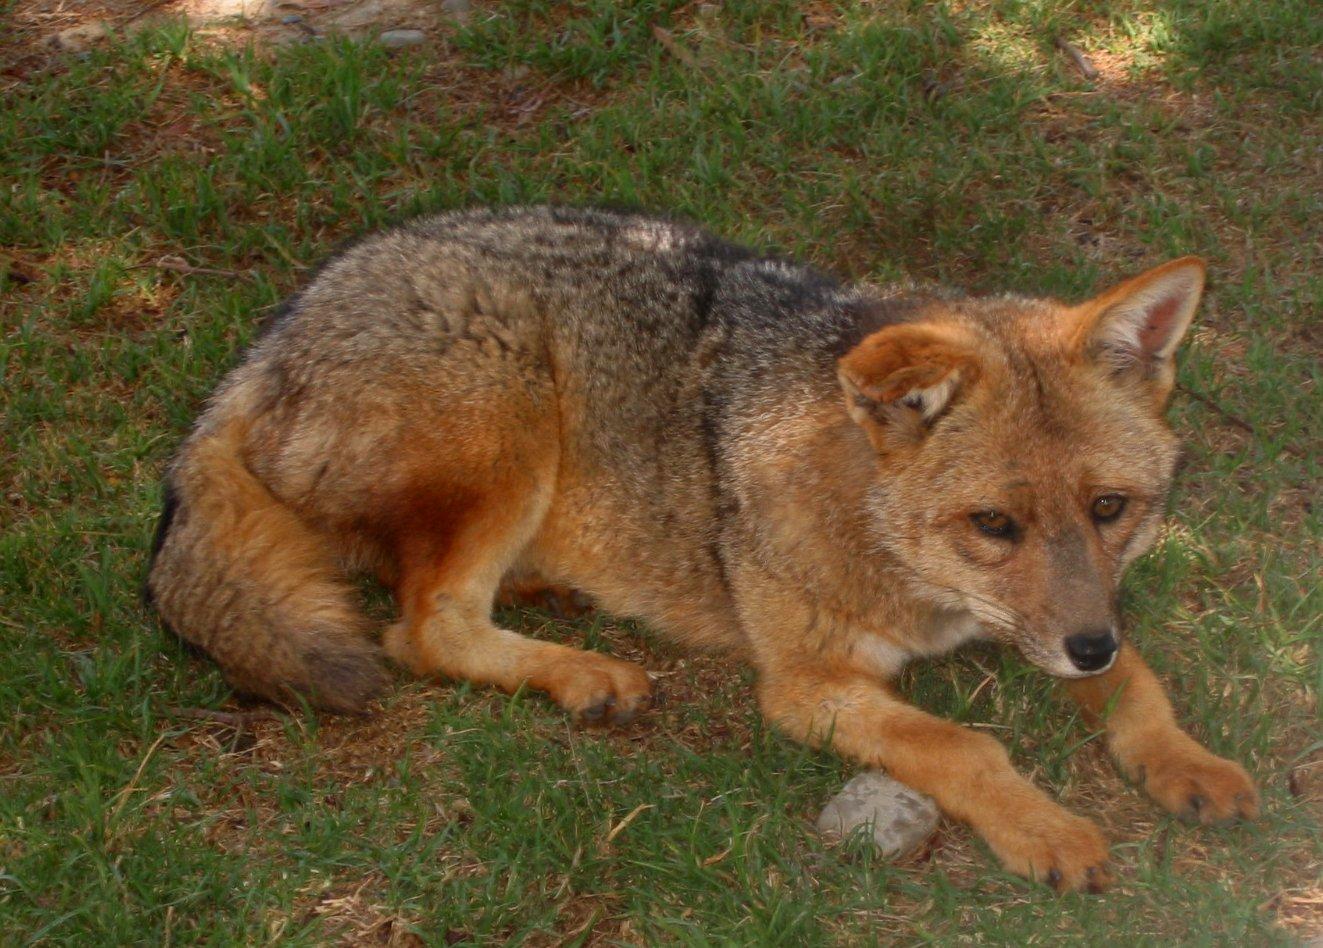 El zorro - a sad-looking fox